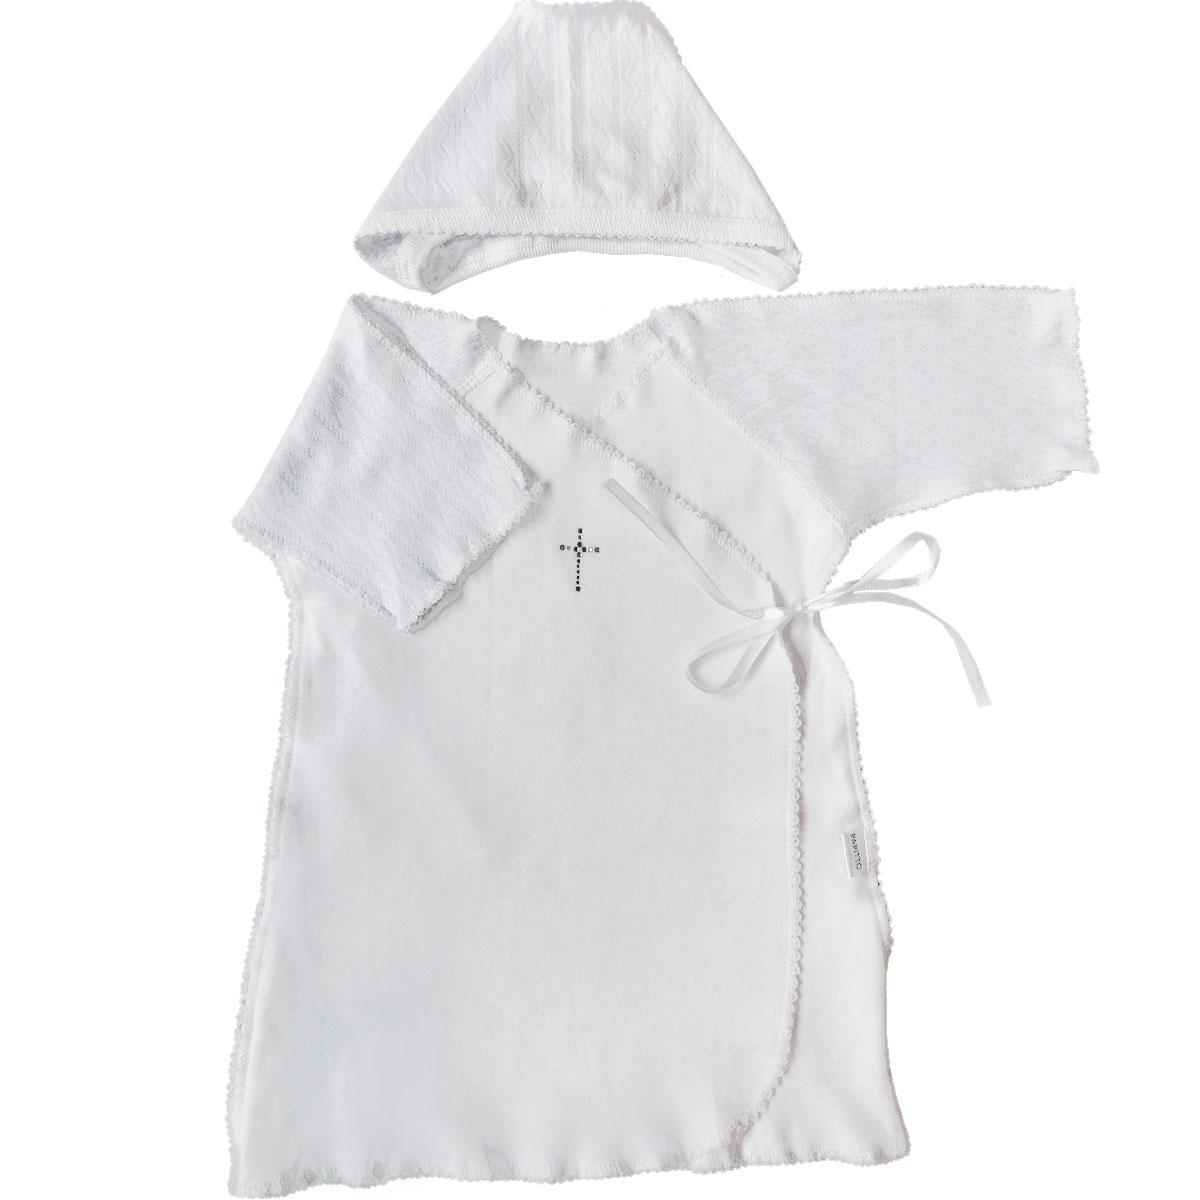 Купить Крестильный набор Папитто для мальчика 2 пр. белый р.20-62 31-5022, Комплекты для новорожденных